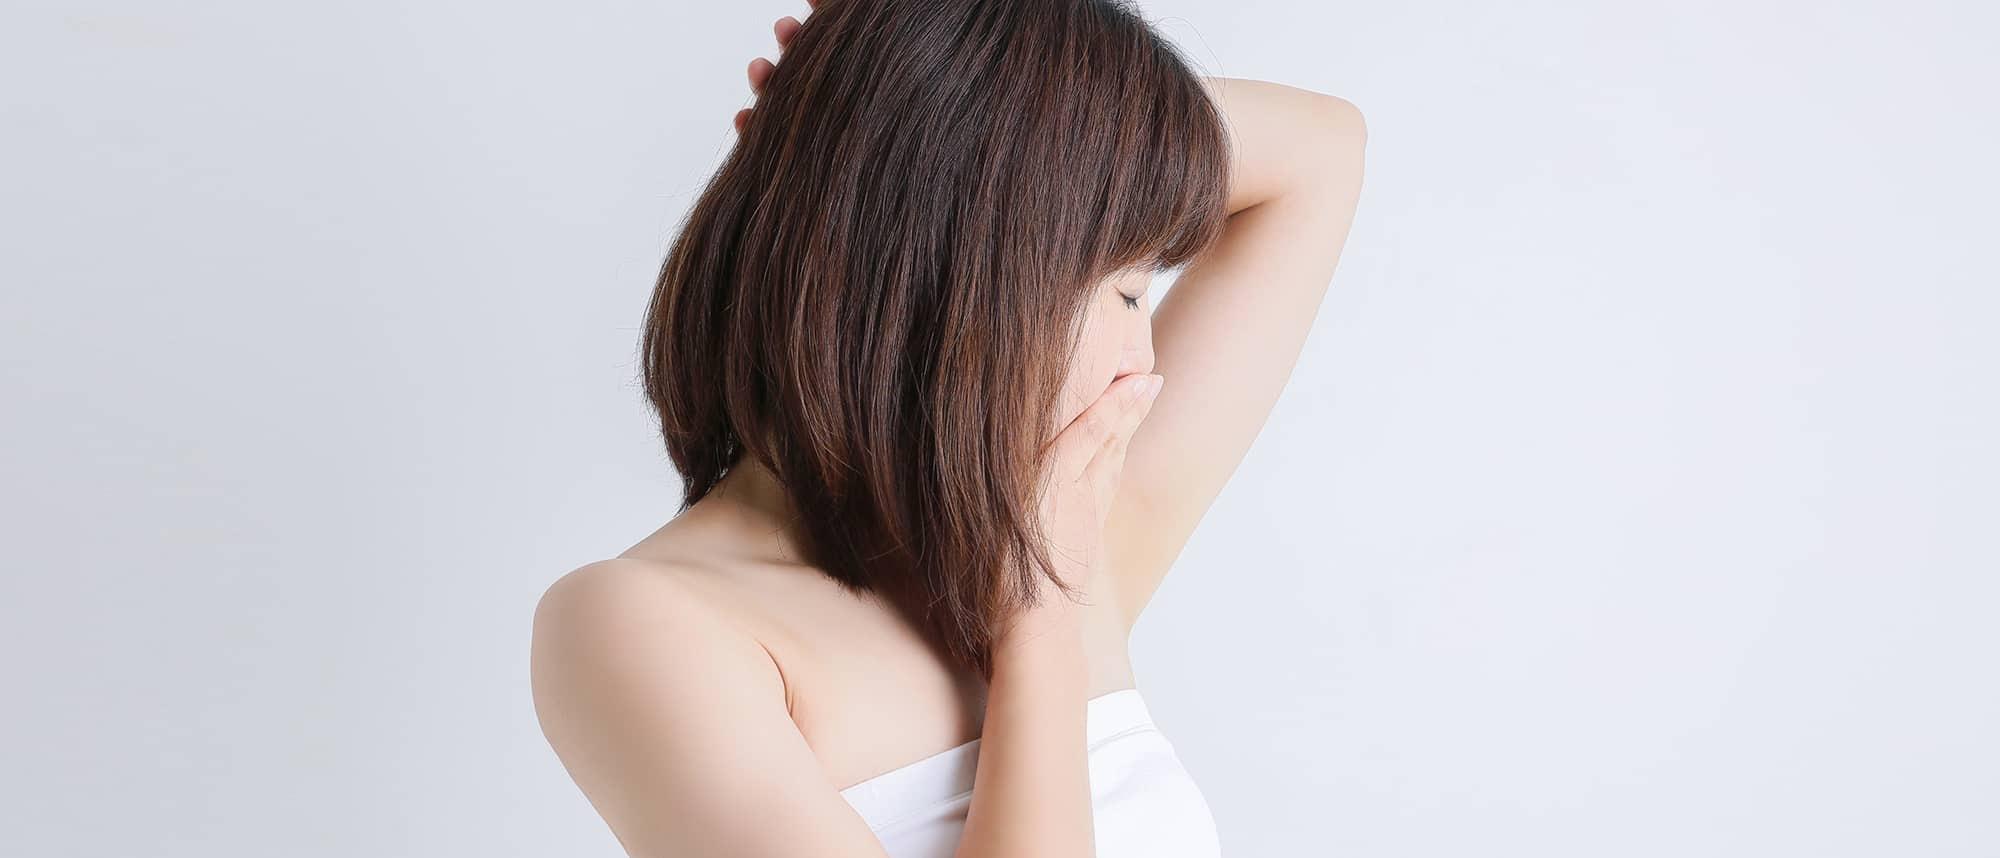 Tuyệt chiêu cải thiện mùi cơ thể, khi nắng nóng cũng không lo lắng